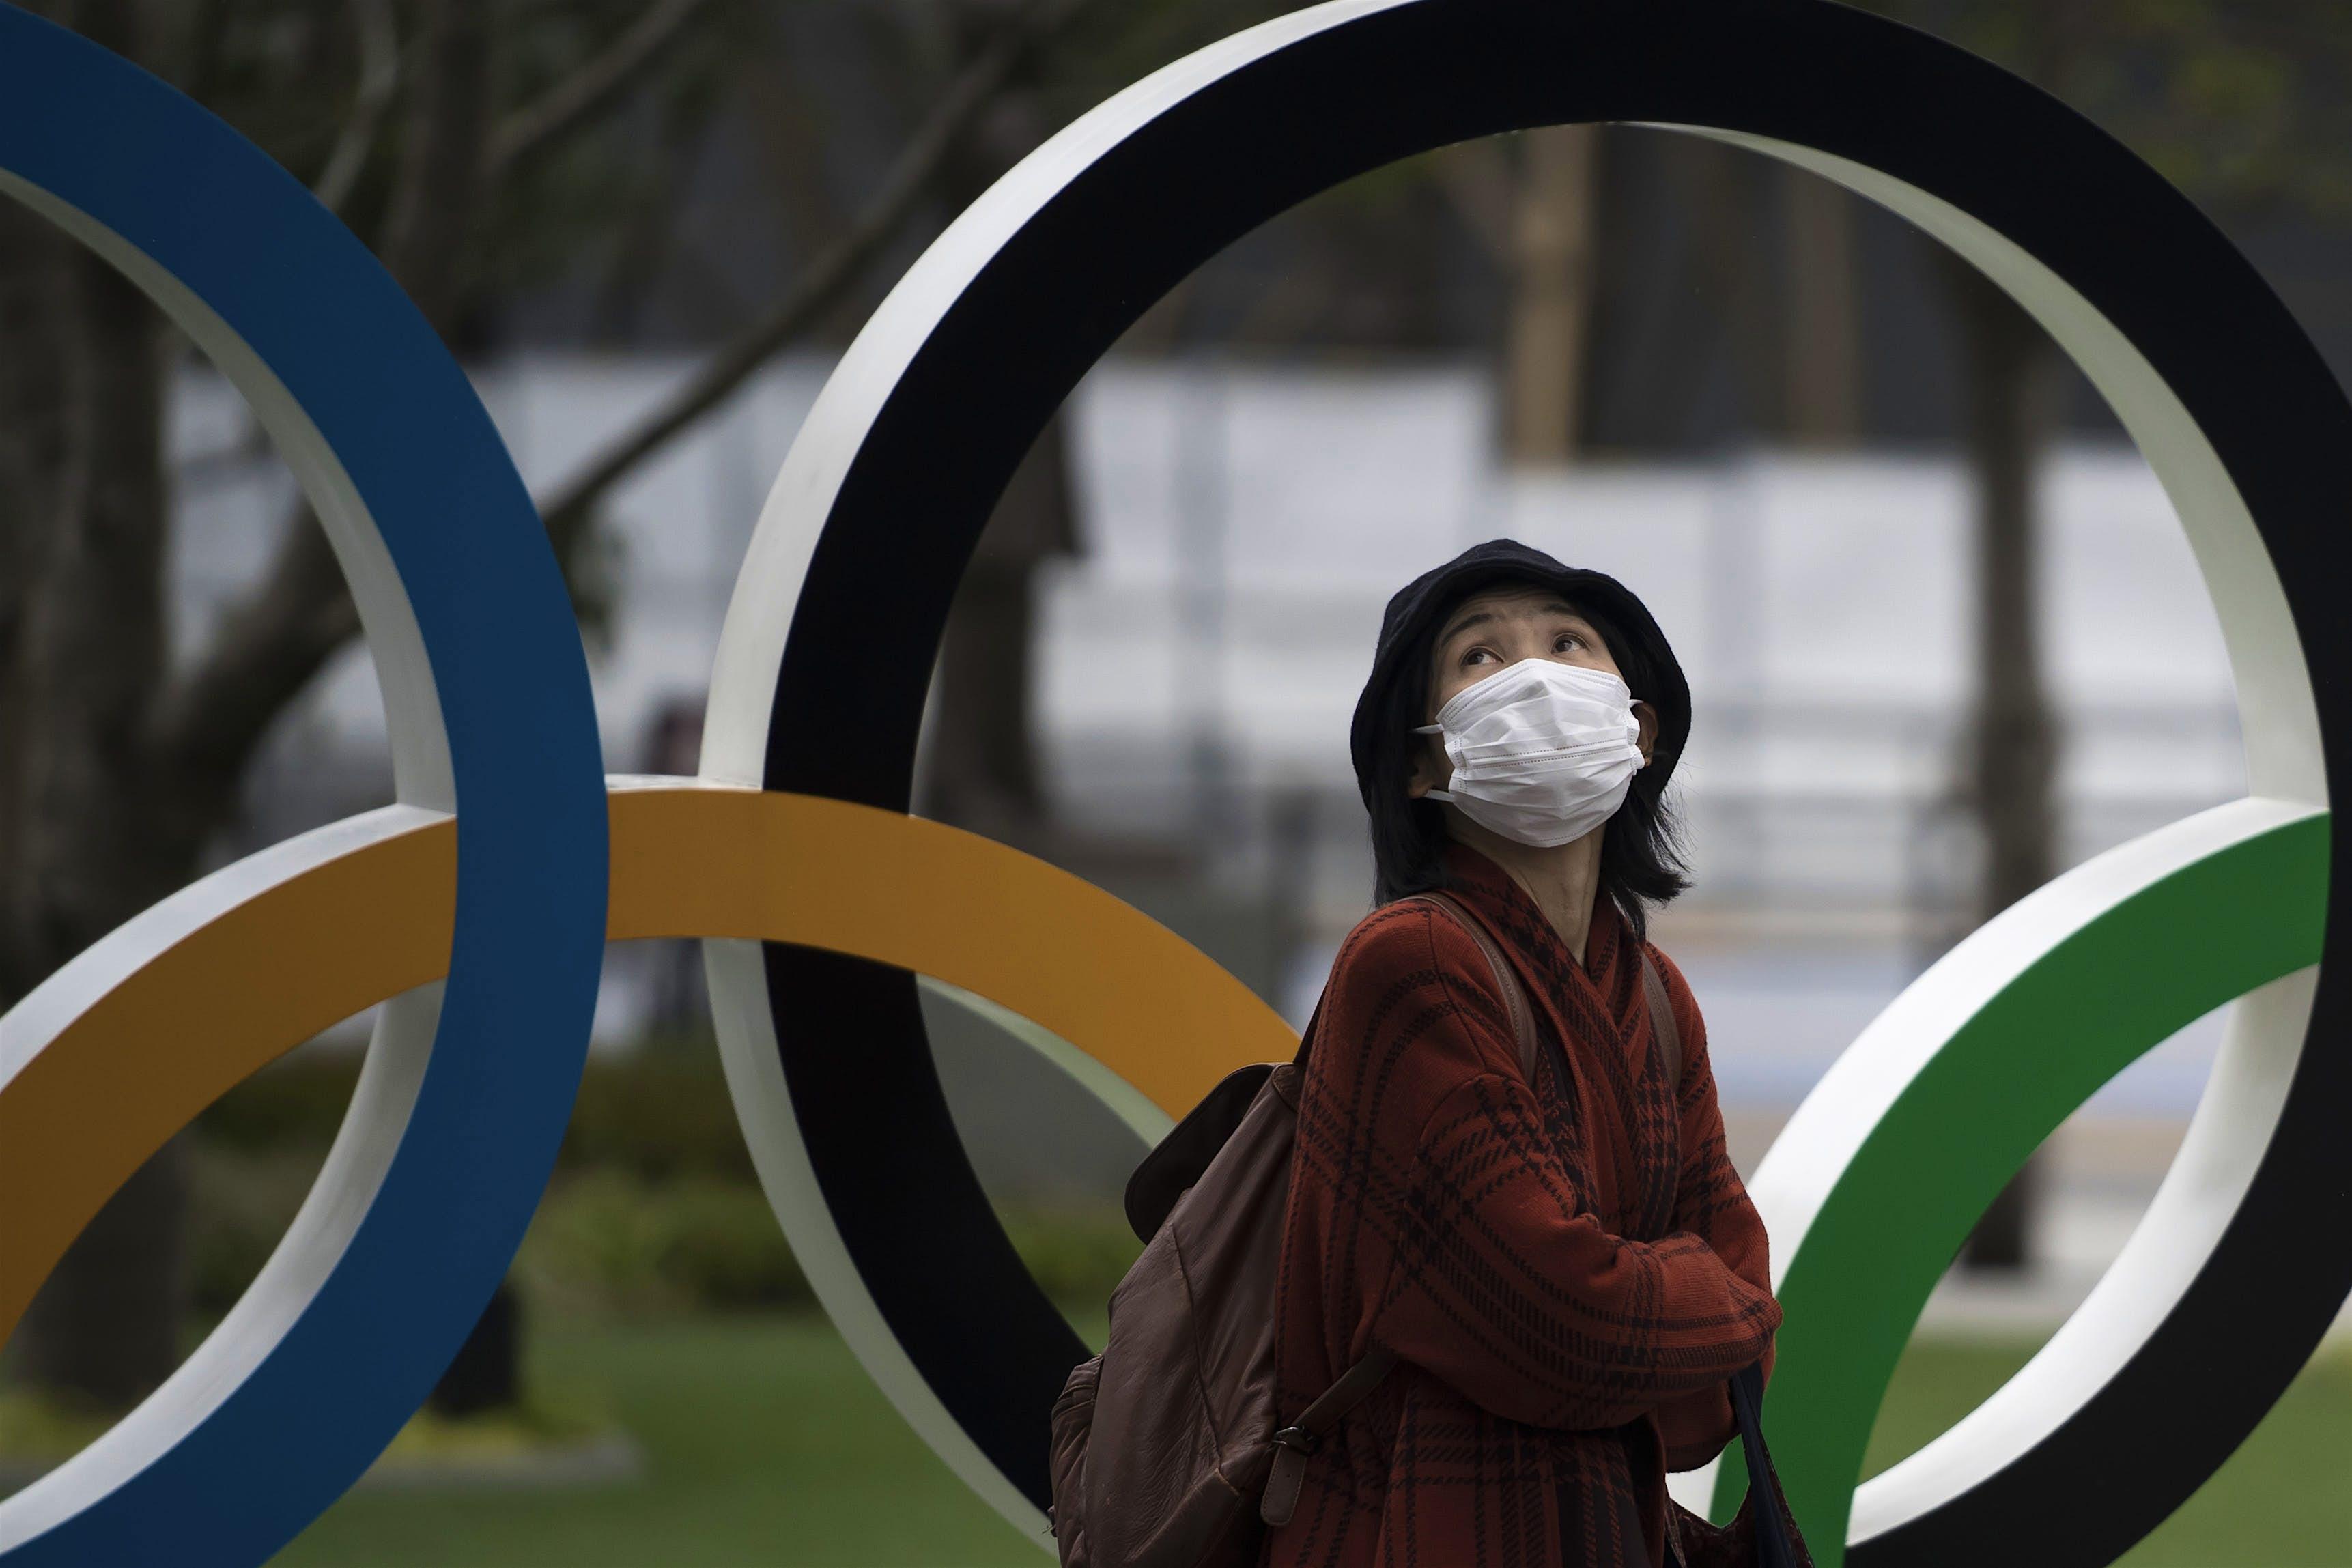 Os Jogos Olímpicos de Tóquio 2020 foram oficialmente adiados